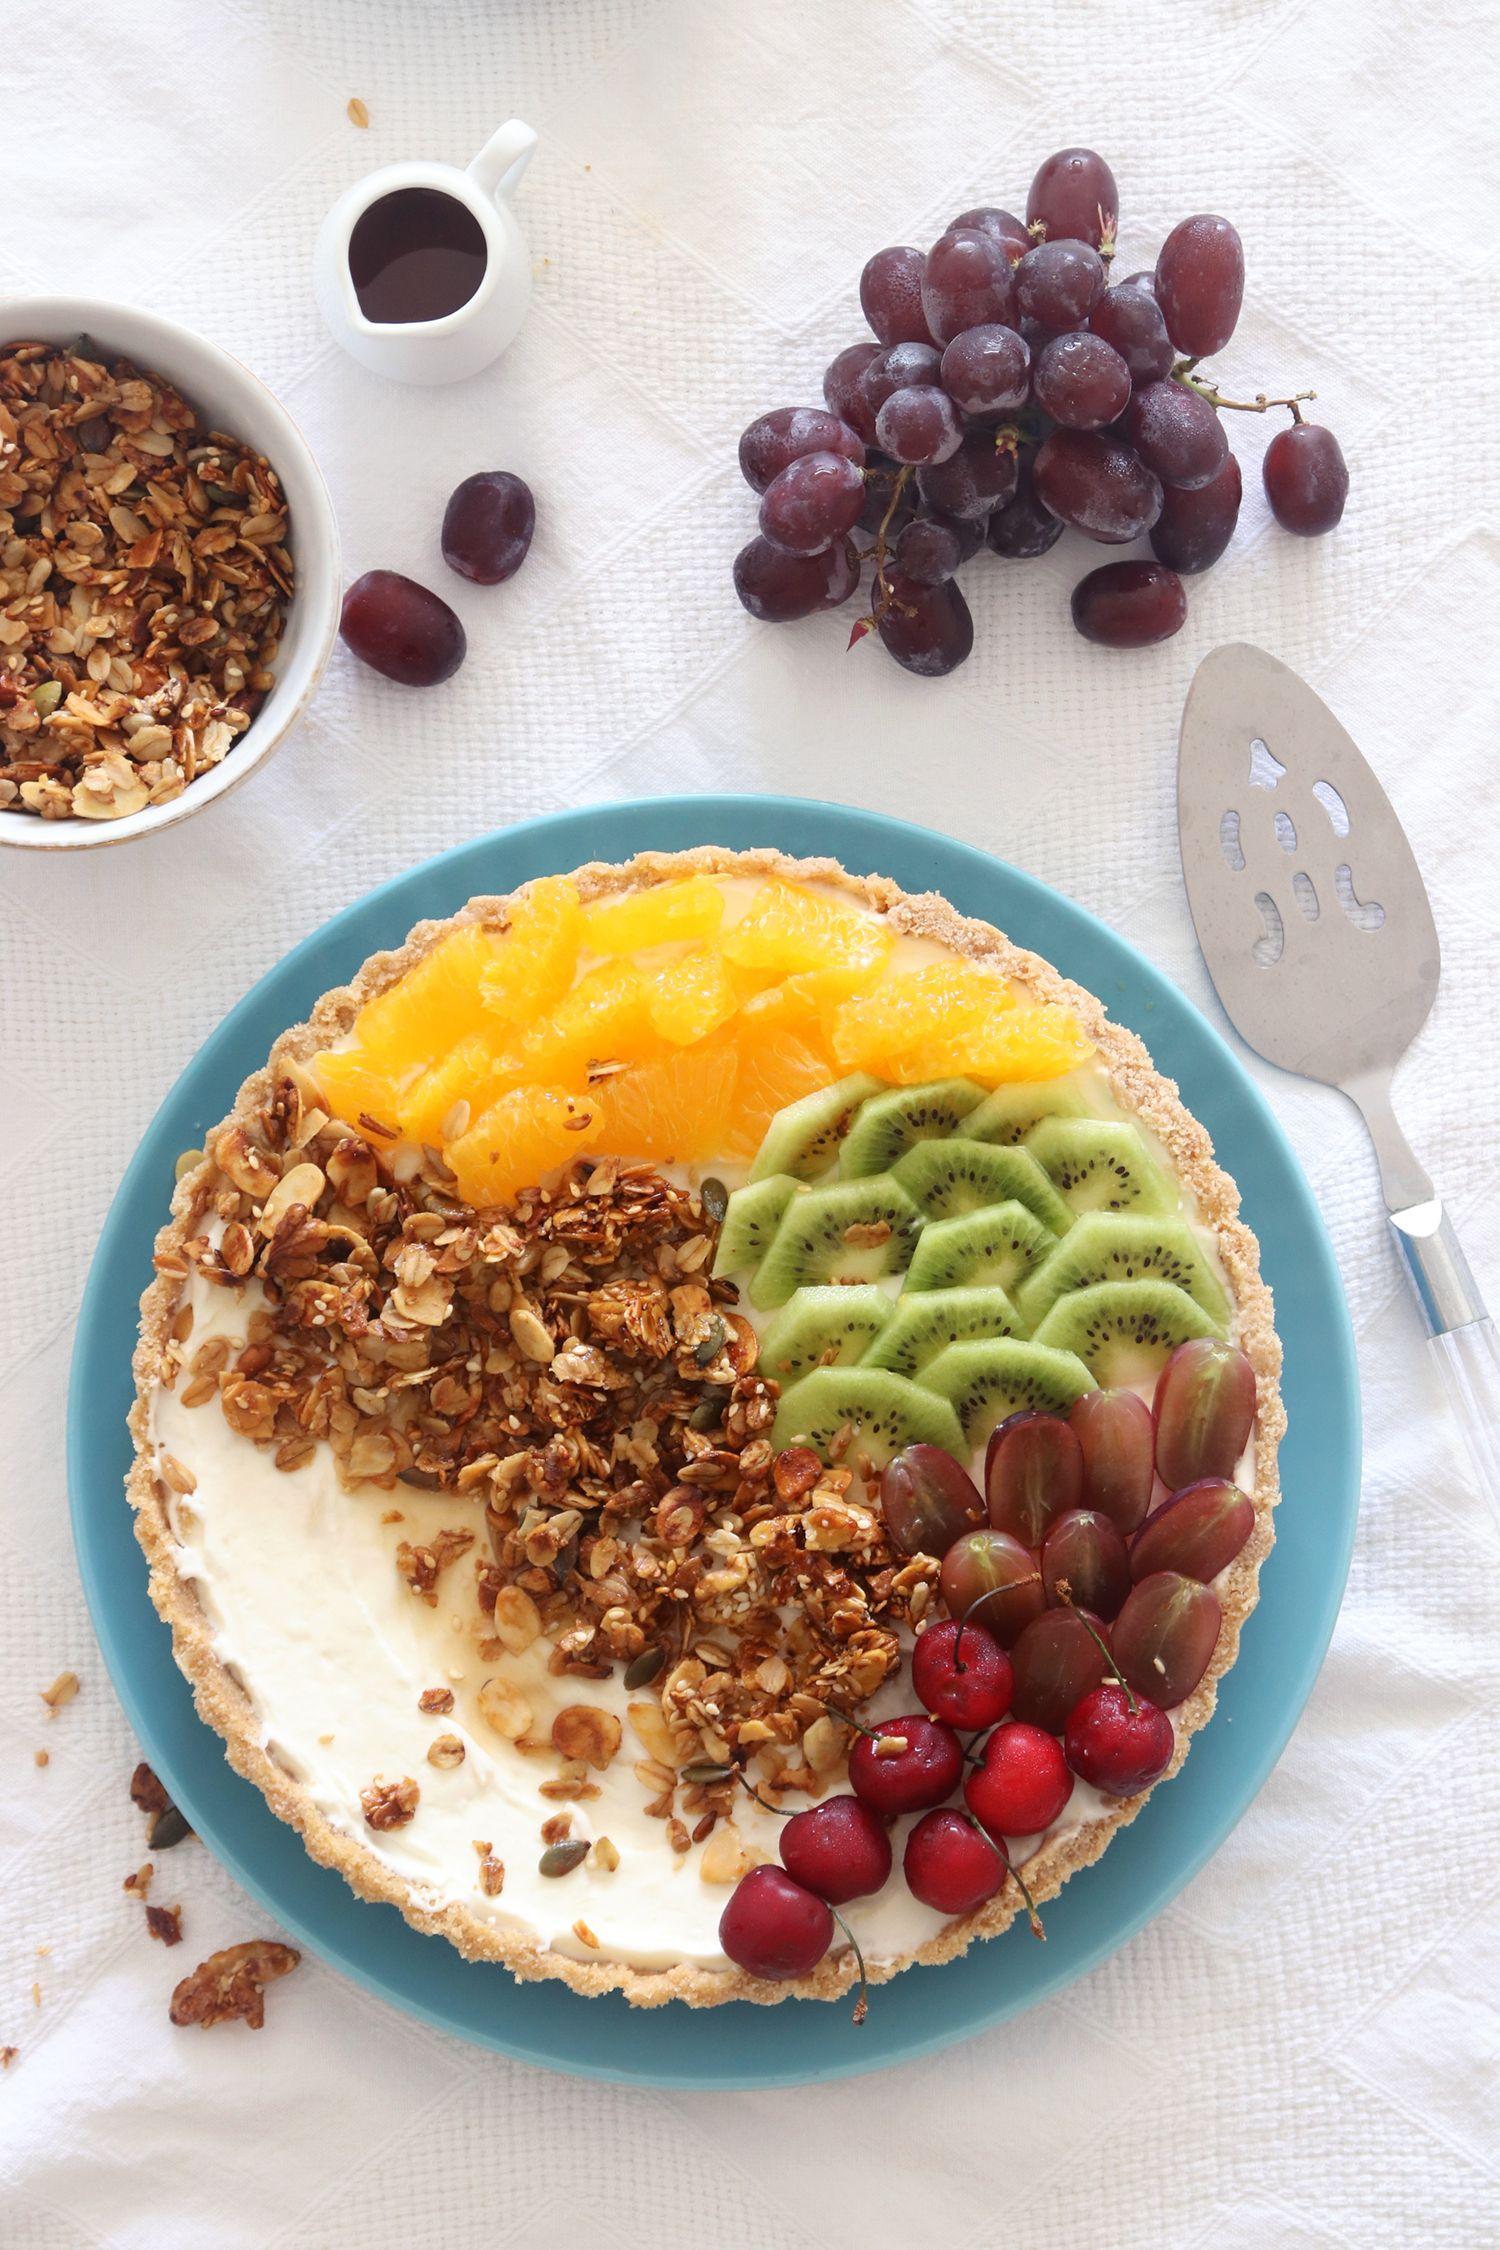 No Bake Yogurt and Granola Breakfast Tart with Fresh Fruit